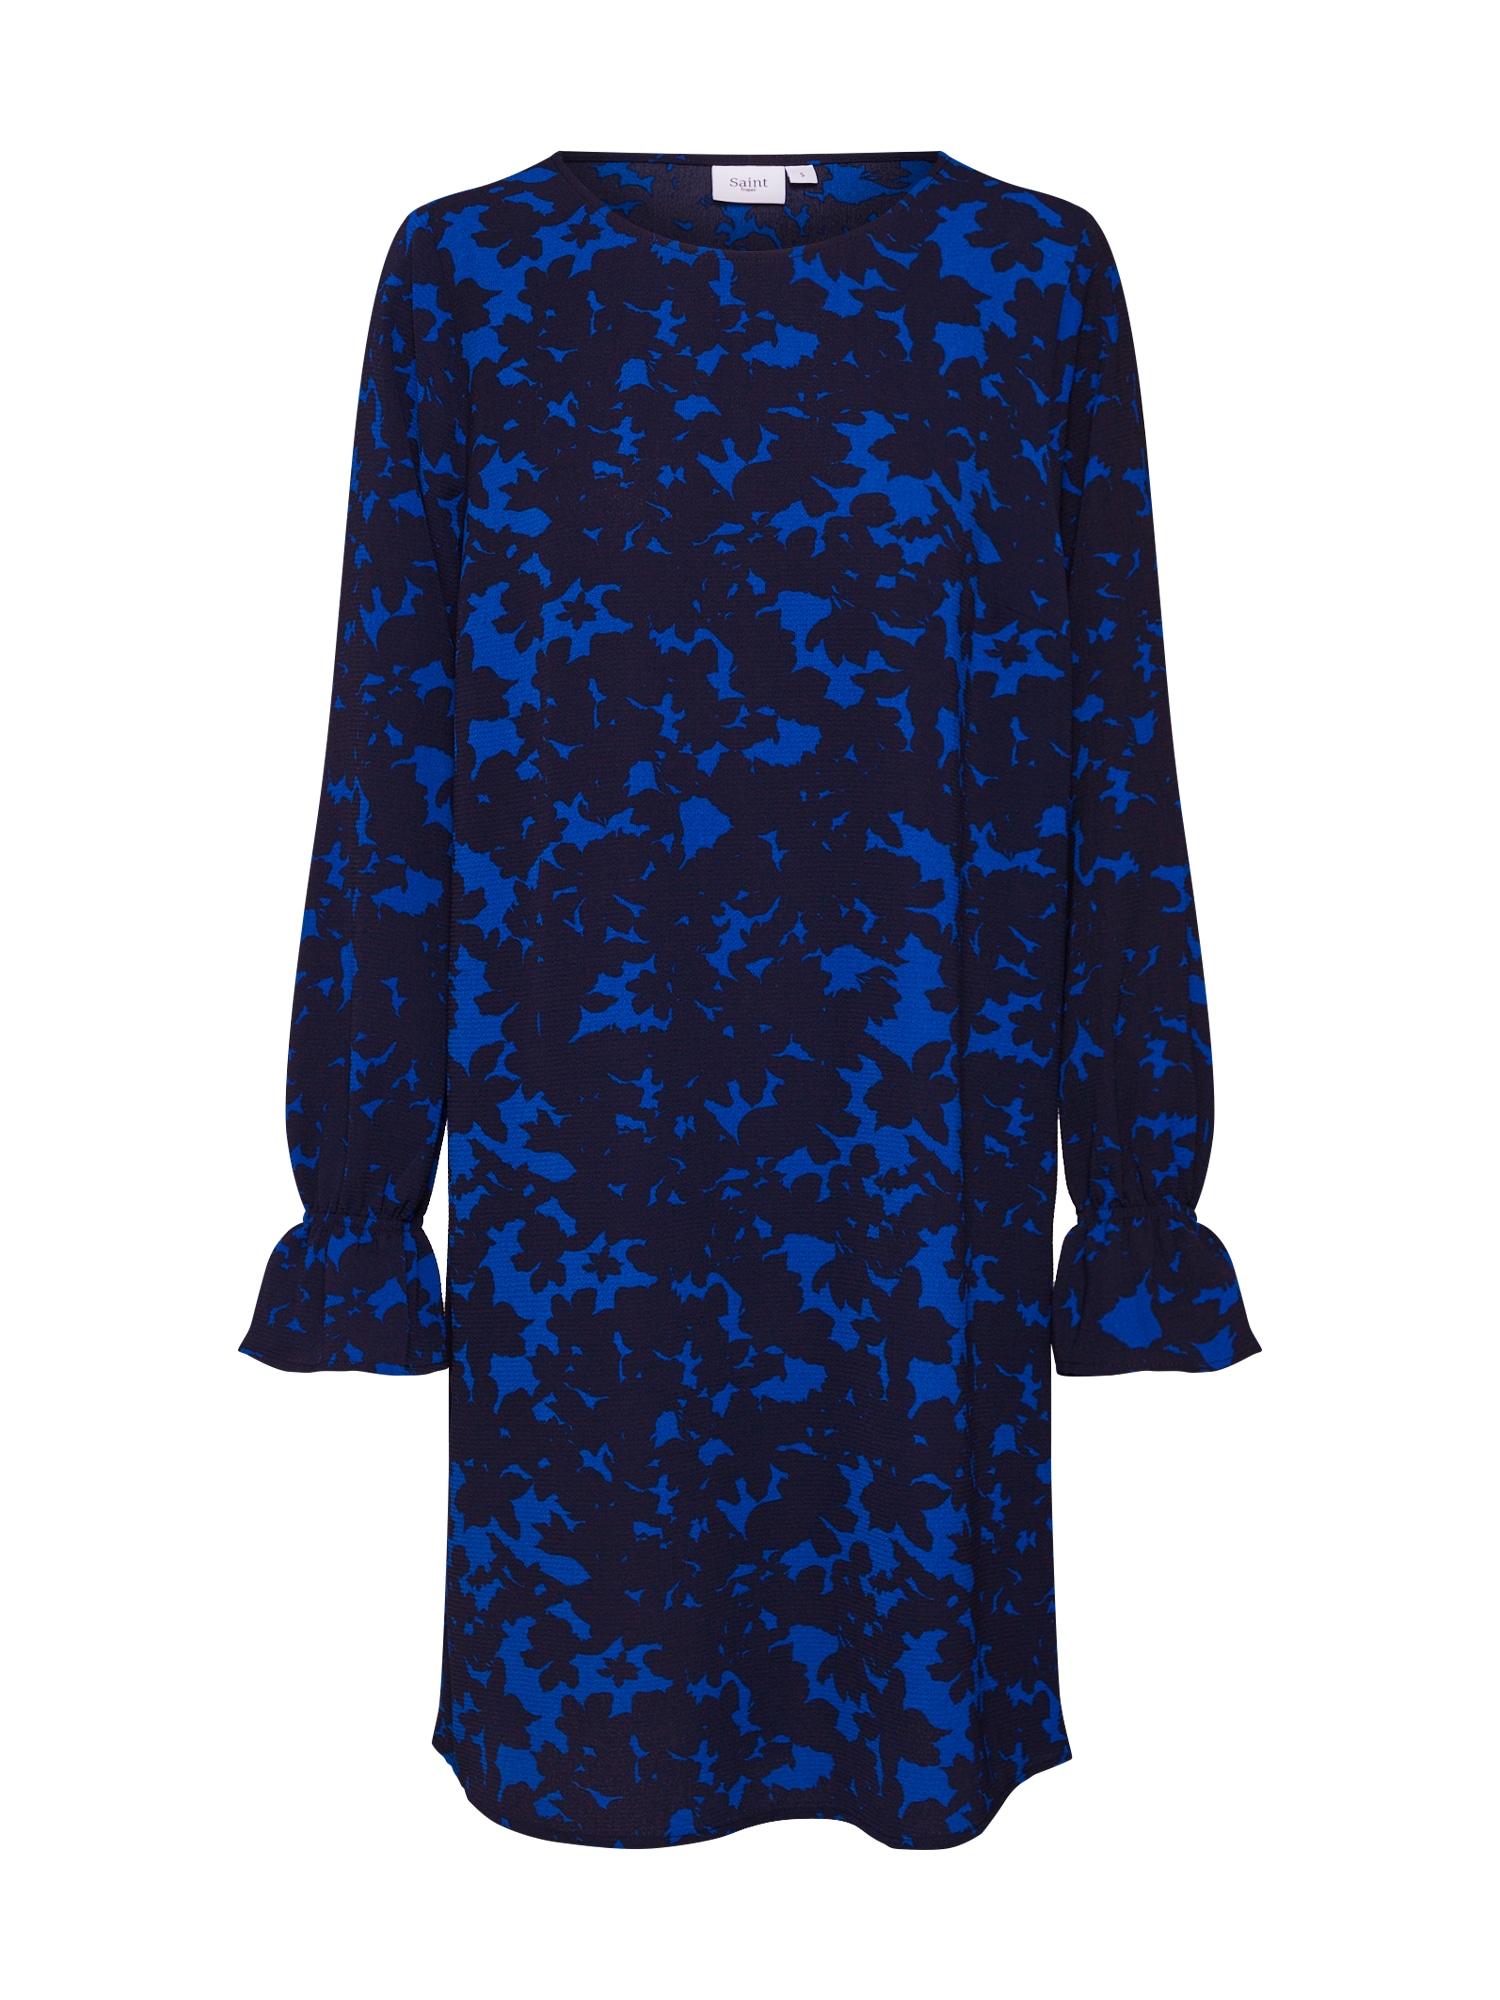 Šaty XRAY FLORALS P kobaltová modř černá SAINT TROPEZ